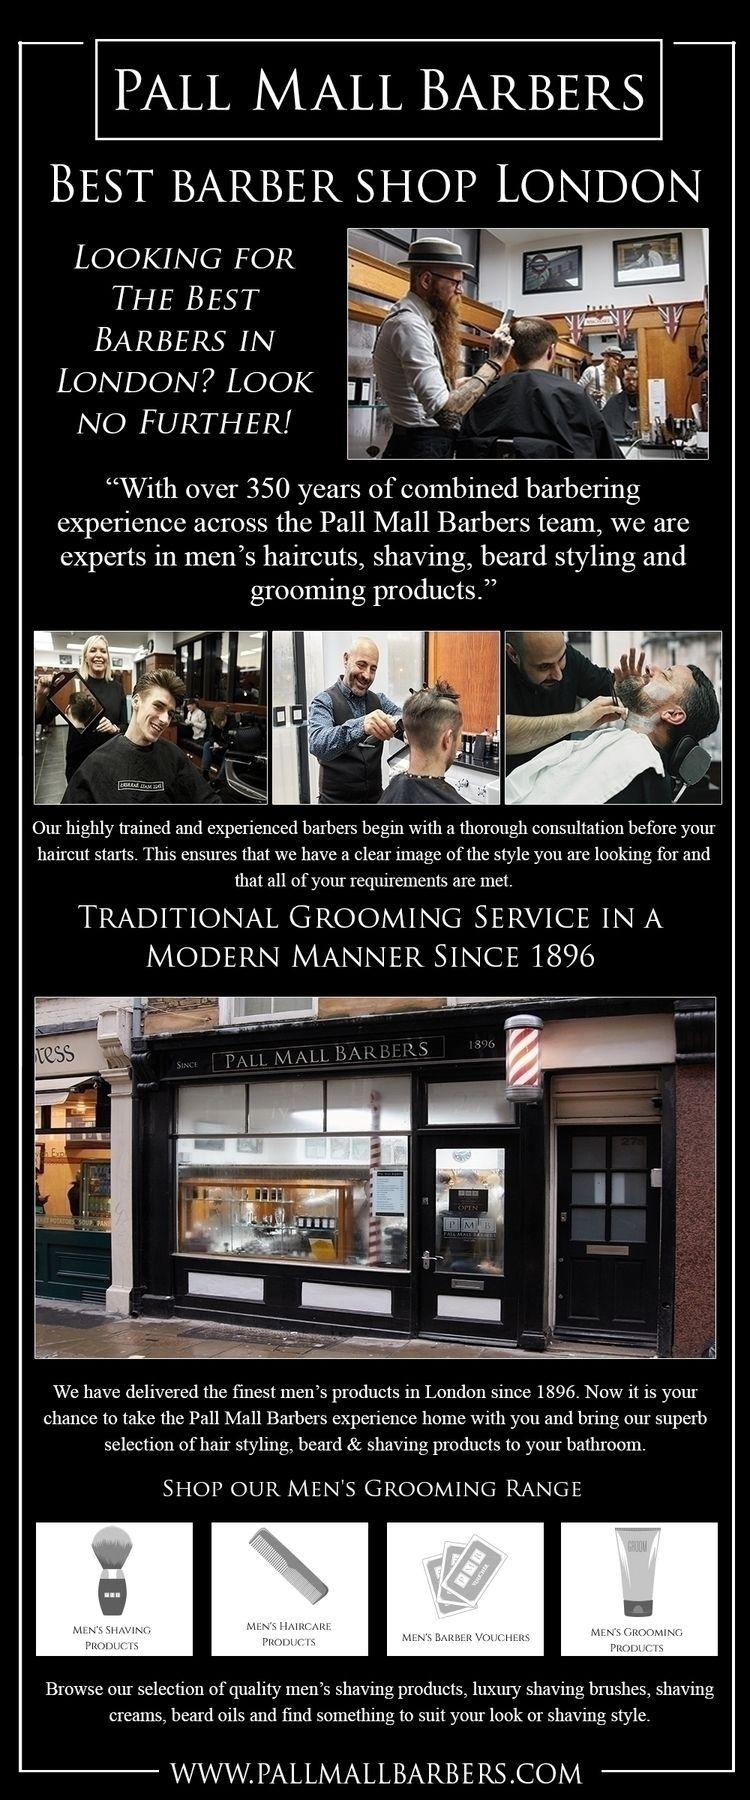 Haircut bleach conscience barbe - barbersinlondon | ello